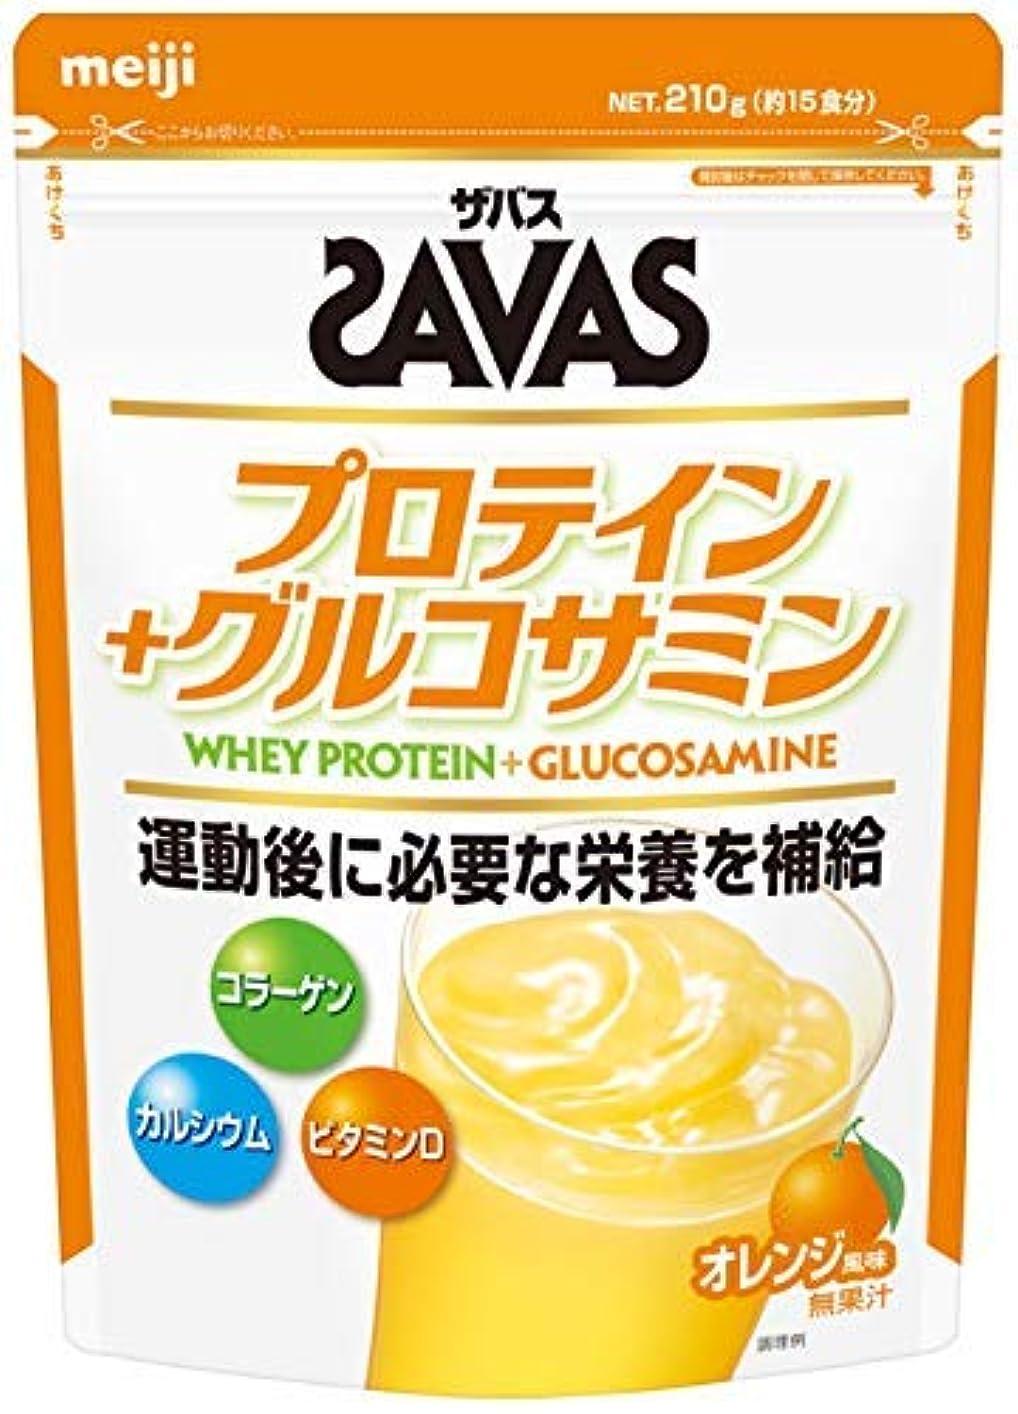 心臓カプラー間違っている明治 ザバス プロテイン+グルコサミン オレンジ風味210g 約15食分 × 5個セット